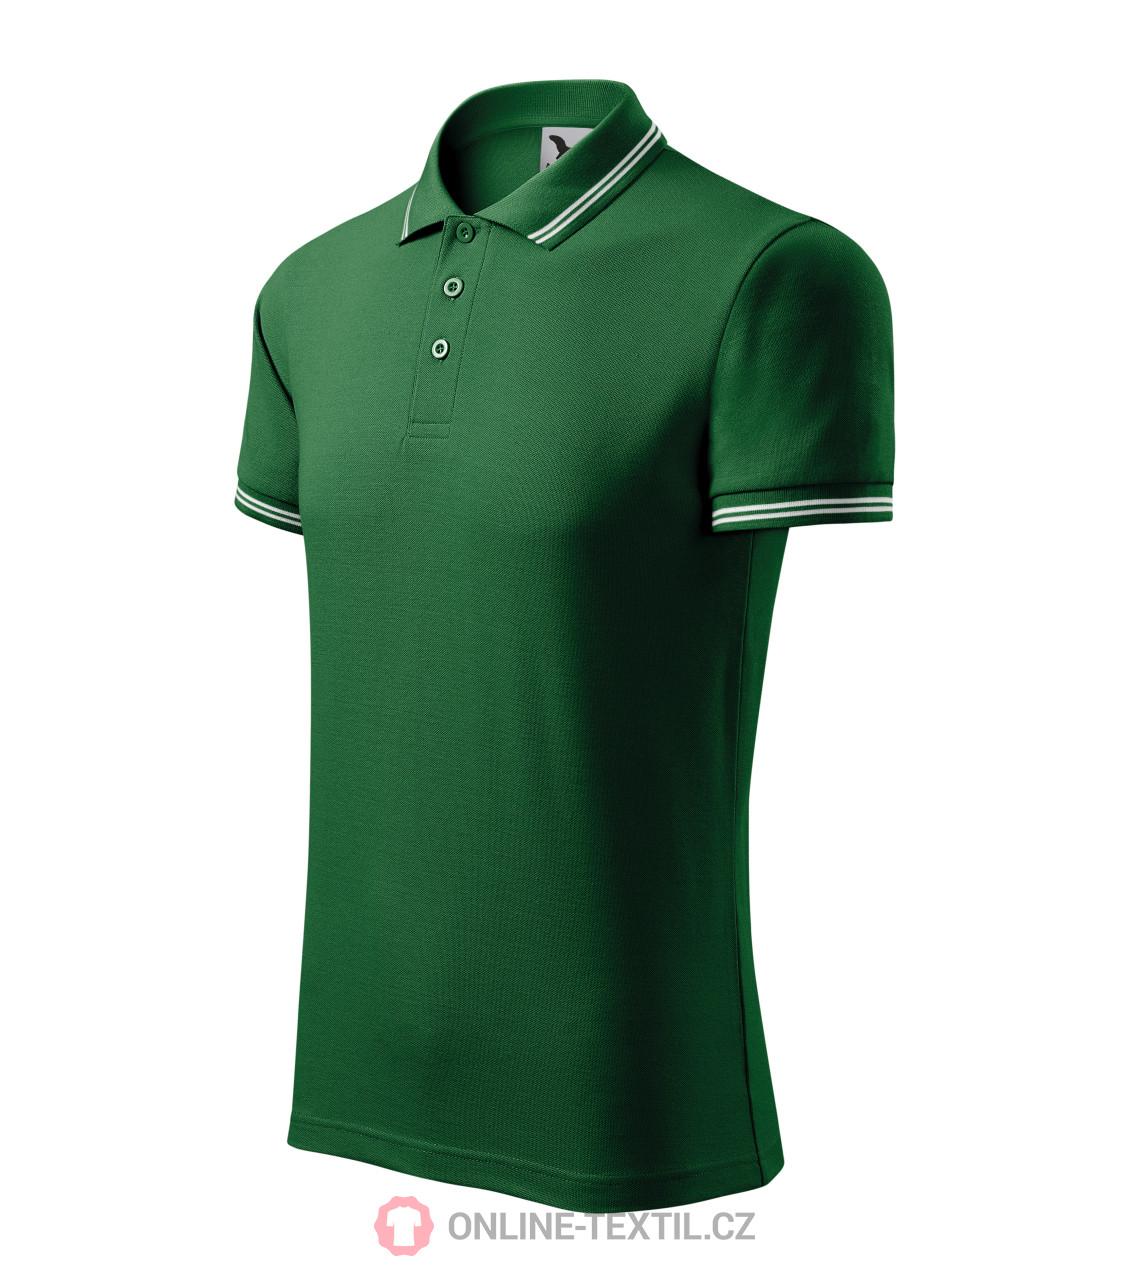 Polo Shirt Design Software Online Rldm